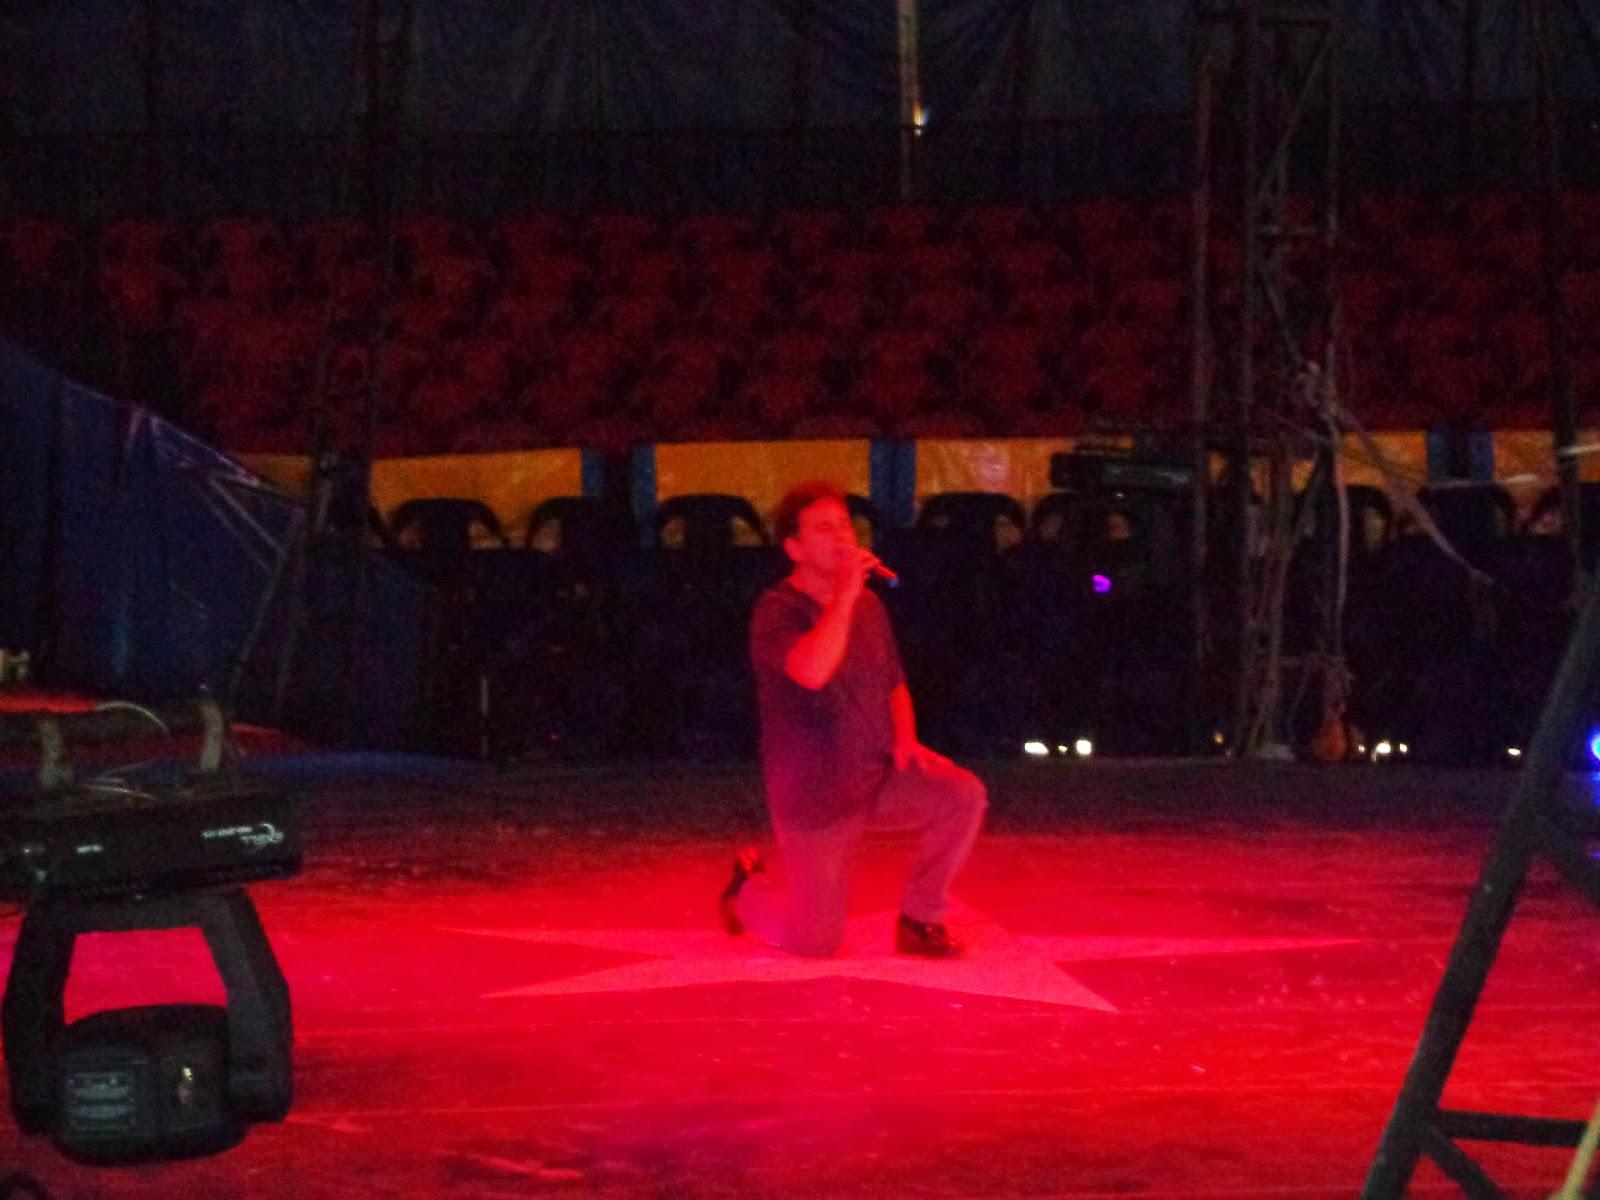 Aparição de Marcos Frota ao final do espetáculo.